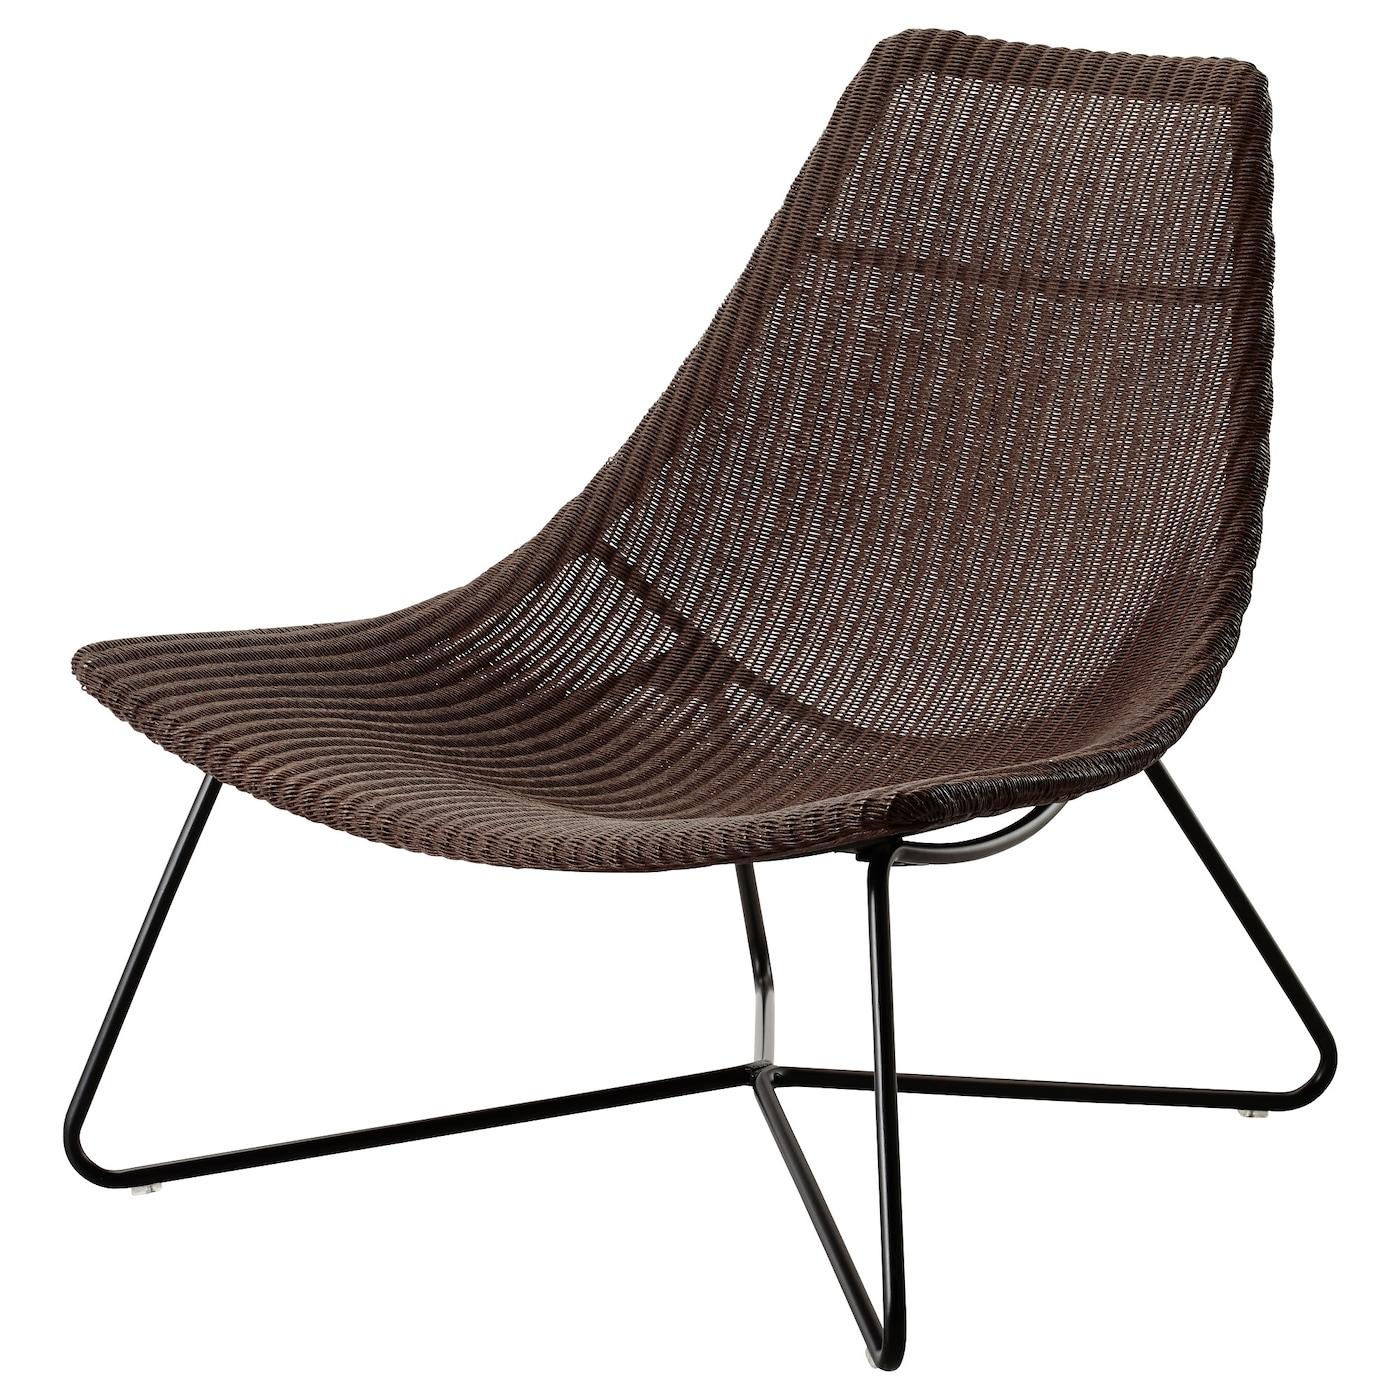 IKEA RÅDVIKEN ciemnobrązowy fotel ratanowy z czarnymi nogami